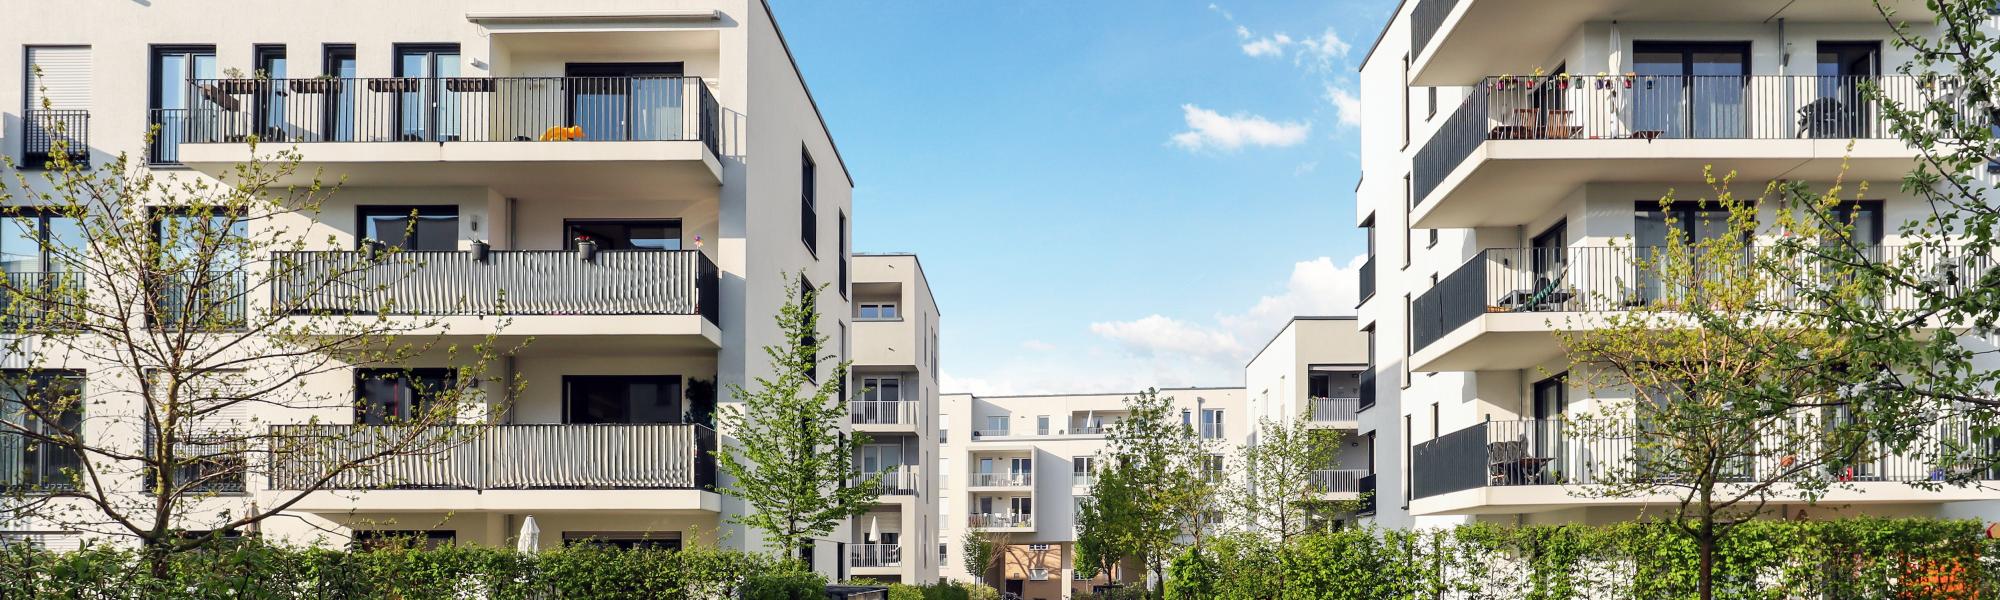 Seniorengerechte Wohnungen Bauprojekt